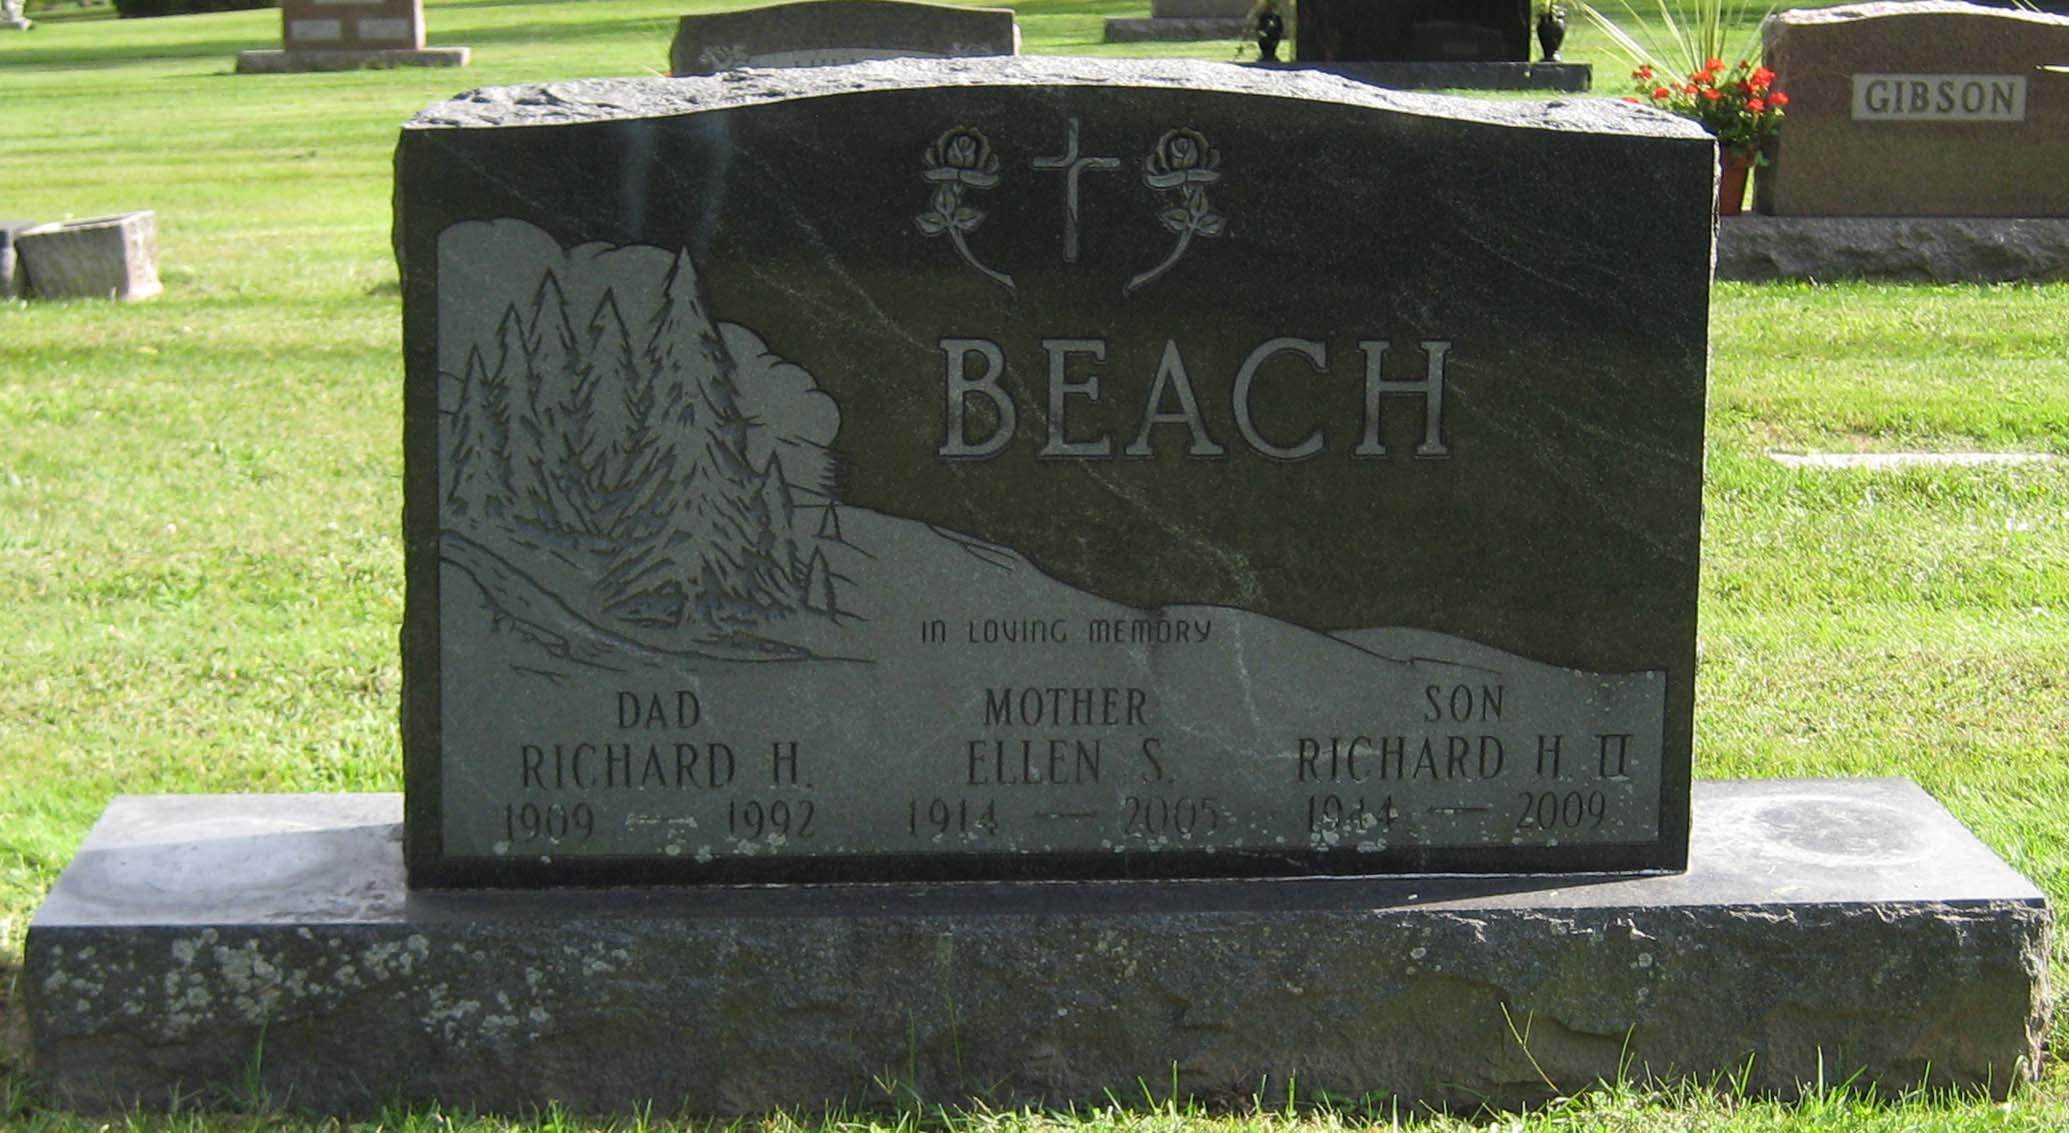 Richard H. Beach, II